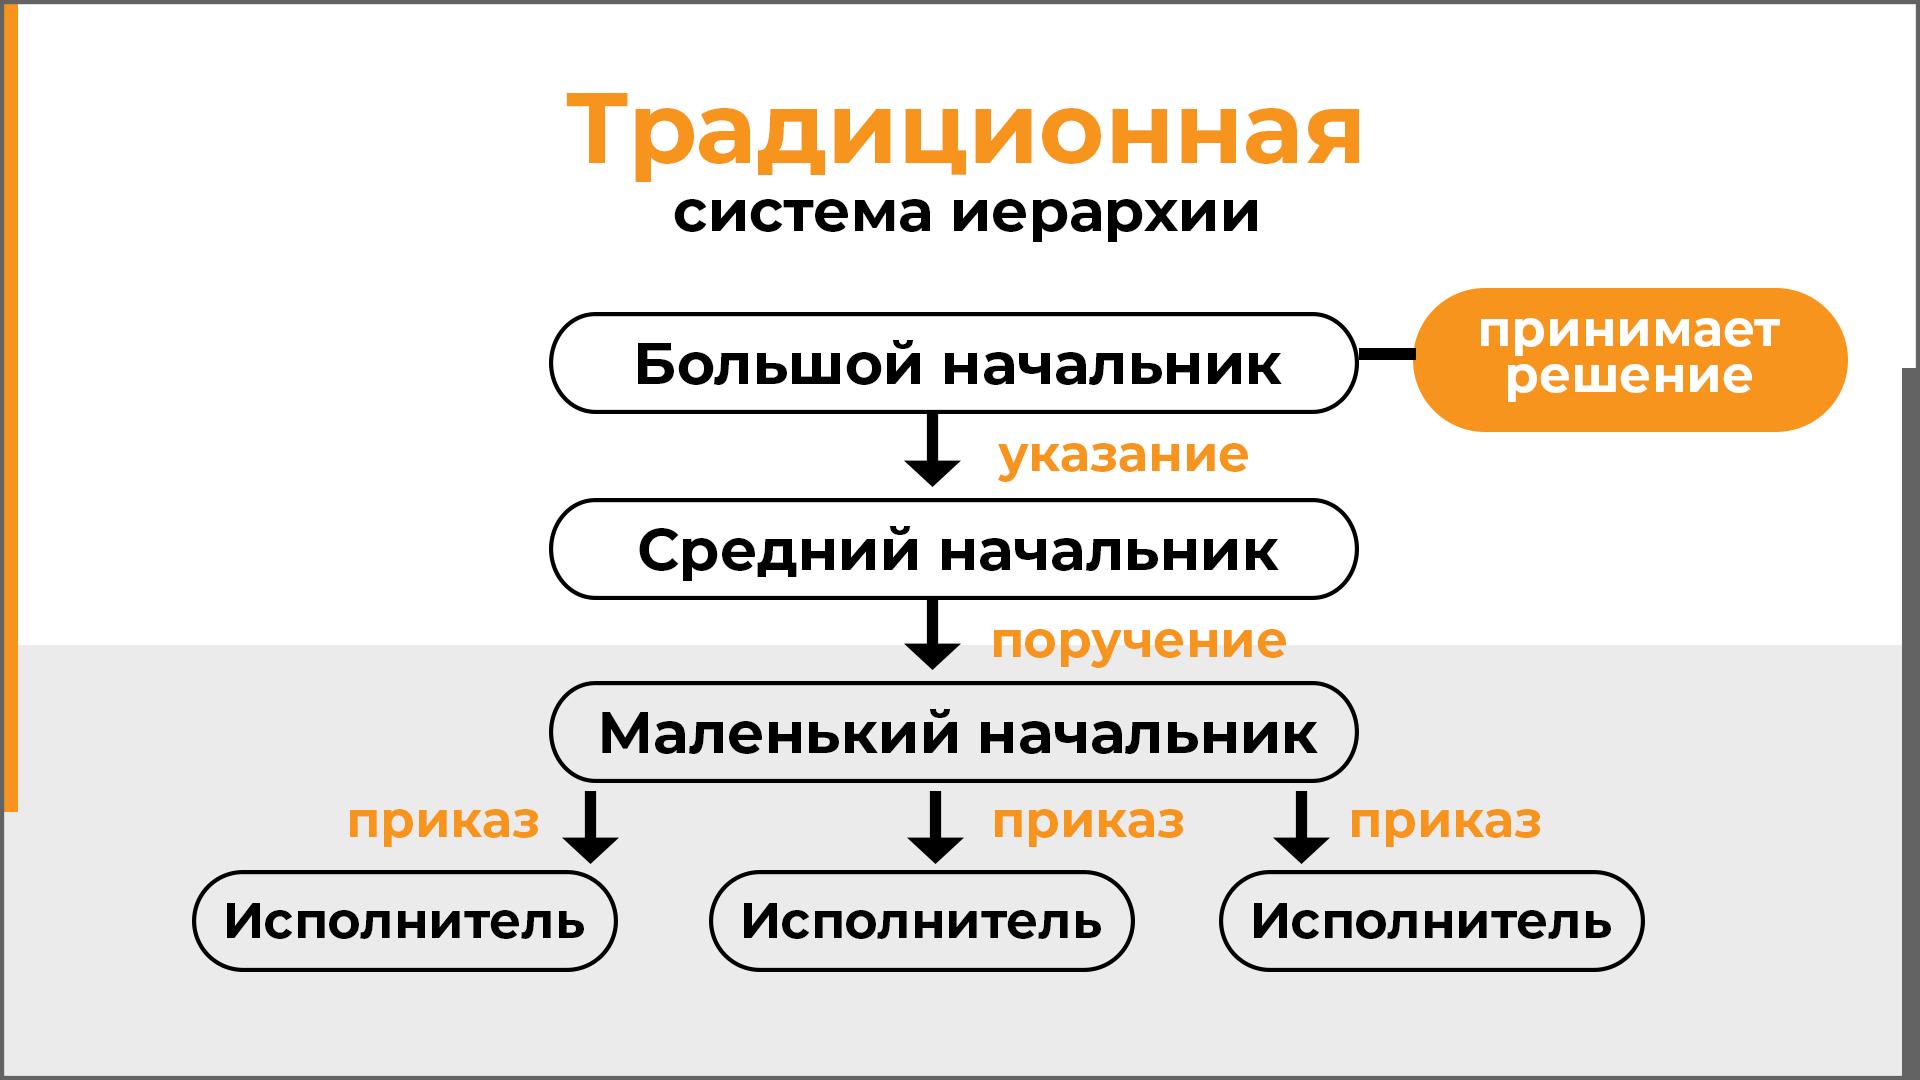 Tradicionnaya sistema upravleniya vne blokchejna